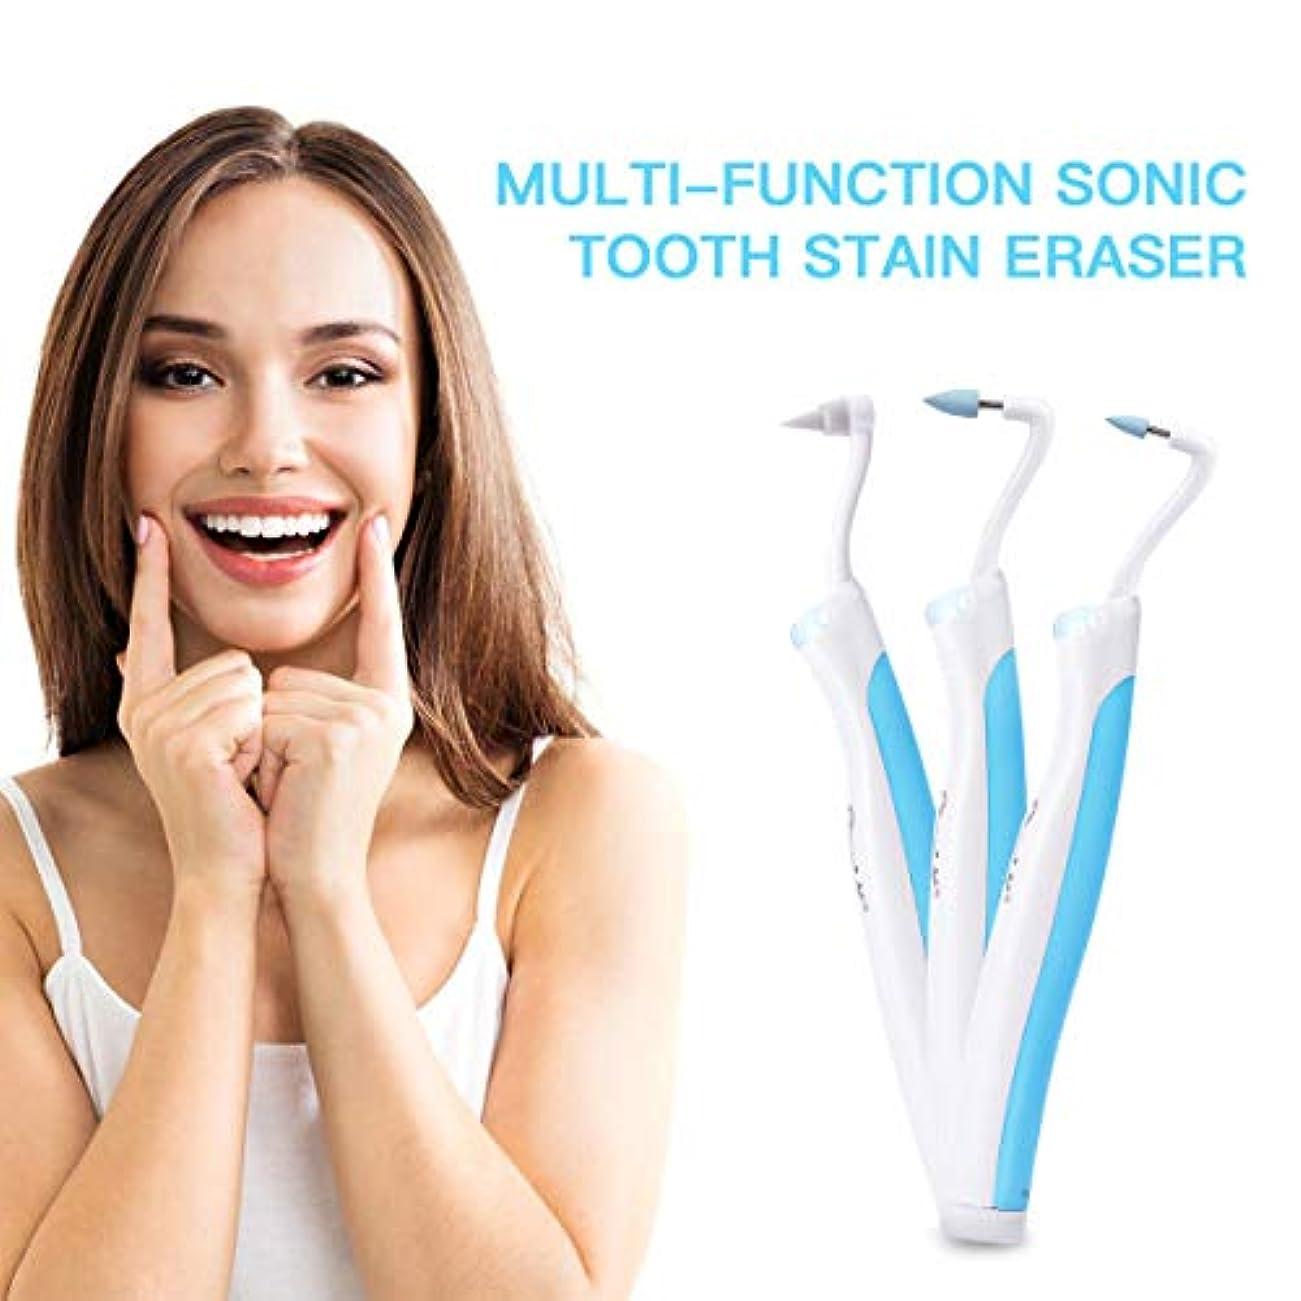 著名なバケット動詞歯の消しゴム 電動 LED 歯科用ツール 歯間クリーナー CkeyiN 歯石取り 歯垢取り 口腔ケア オーラルケア